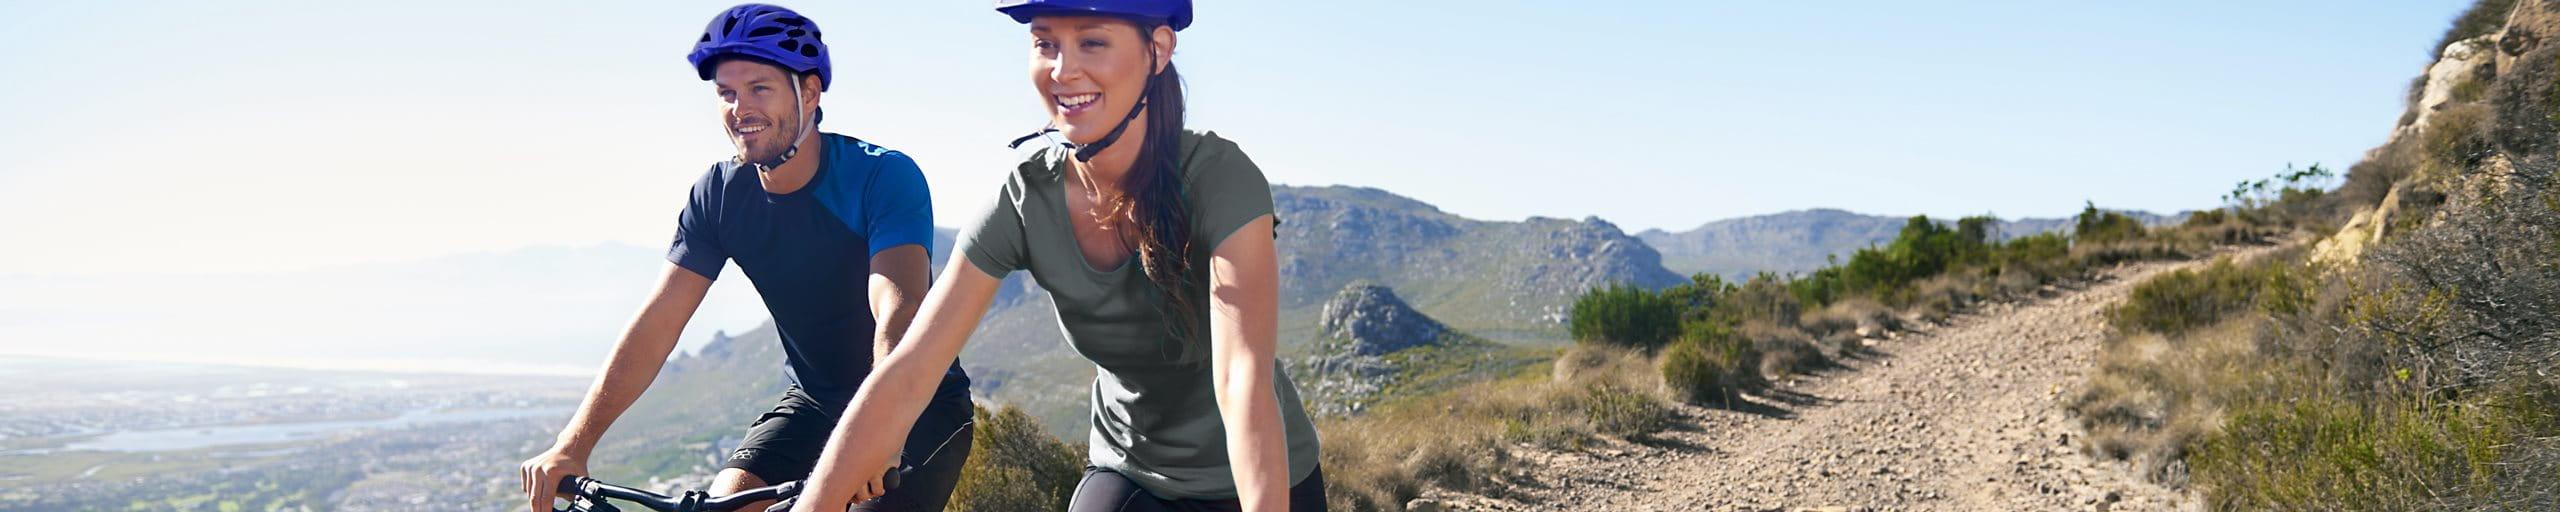 in mountain bike coppia divertimento